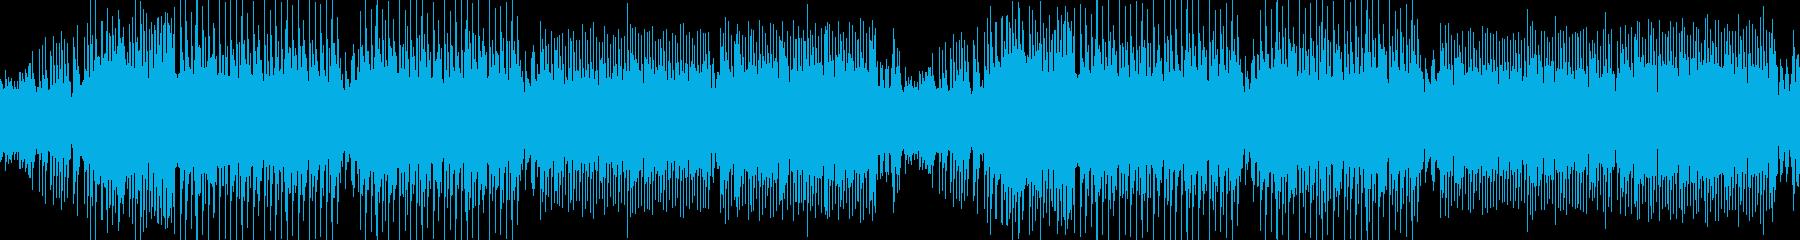 和風・わくわく・三味線・EDMの再生済みの波形